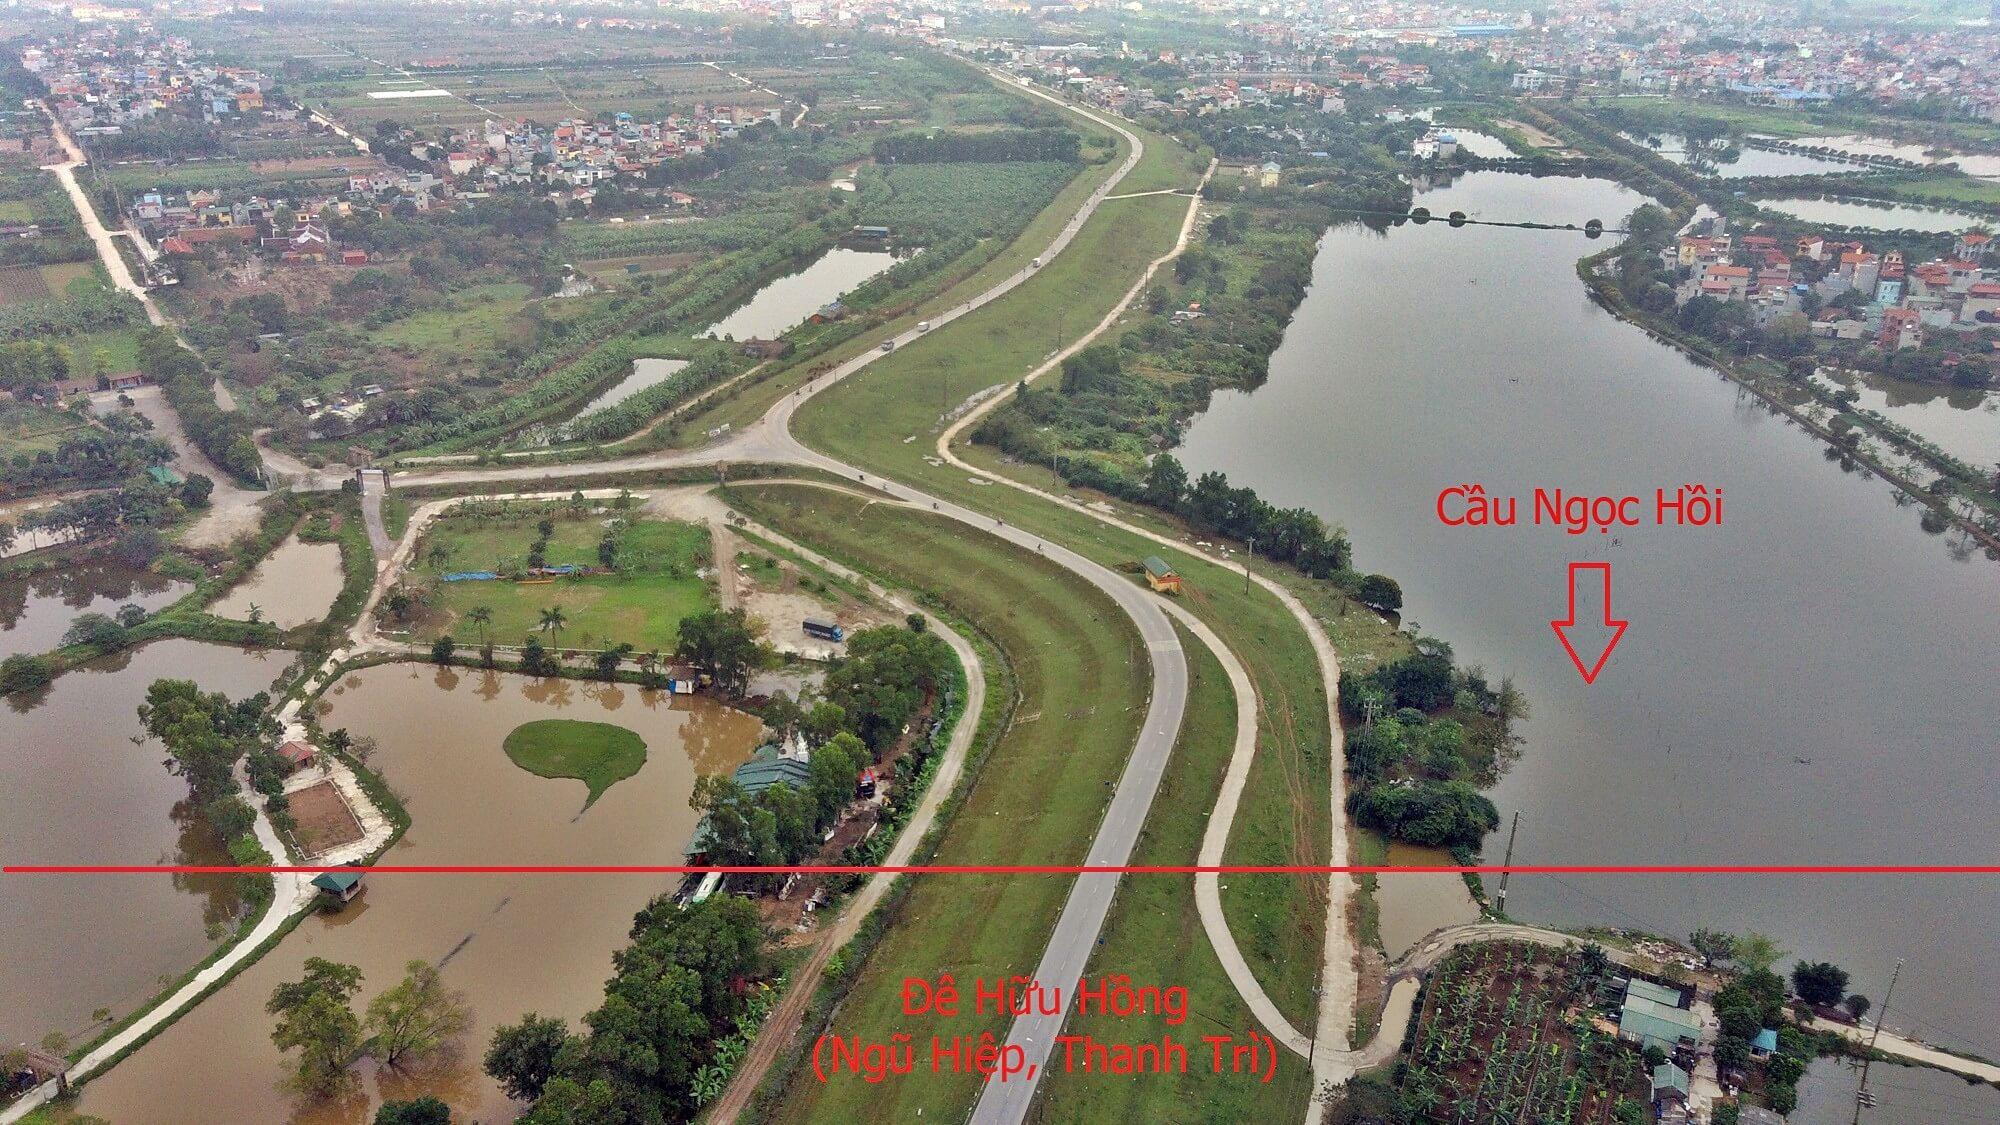 Nút giao đường dẫn cầu Ngọc Hồi với sông Hồng thuộc địa bàn Ngũ Hiệp, Thanh Trì.